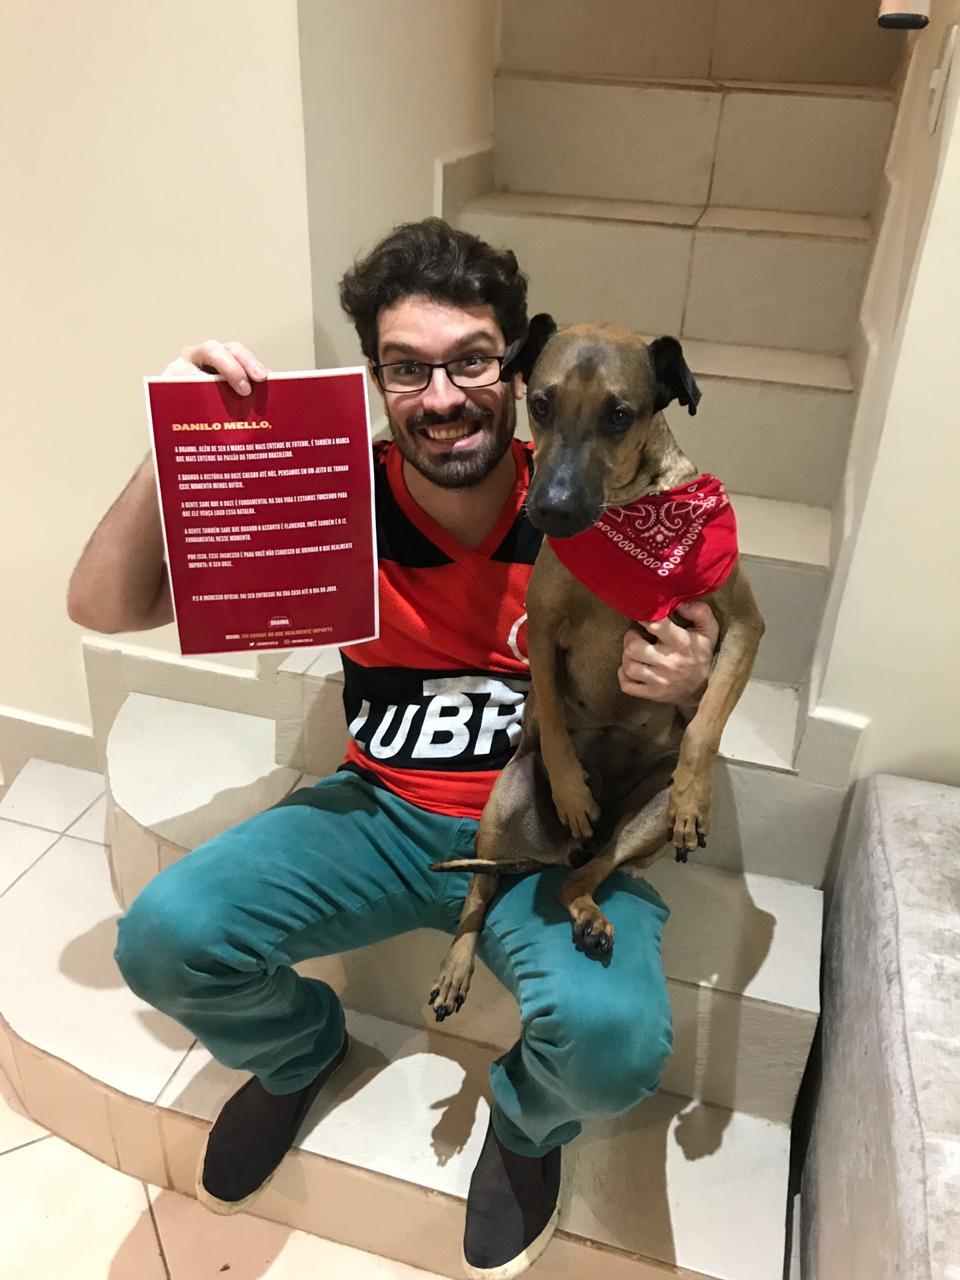 rifa ingresso cãozinho Doze torcedor ganha nova chance assistir jogo libertadores flamengo